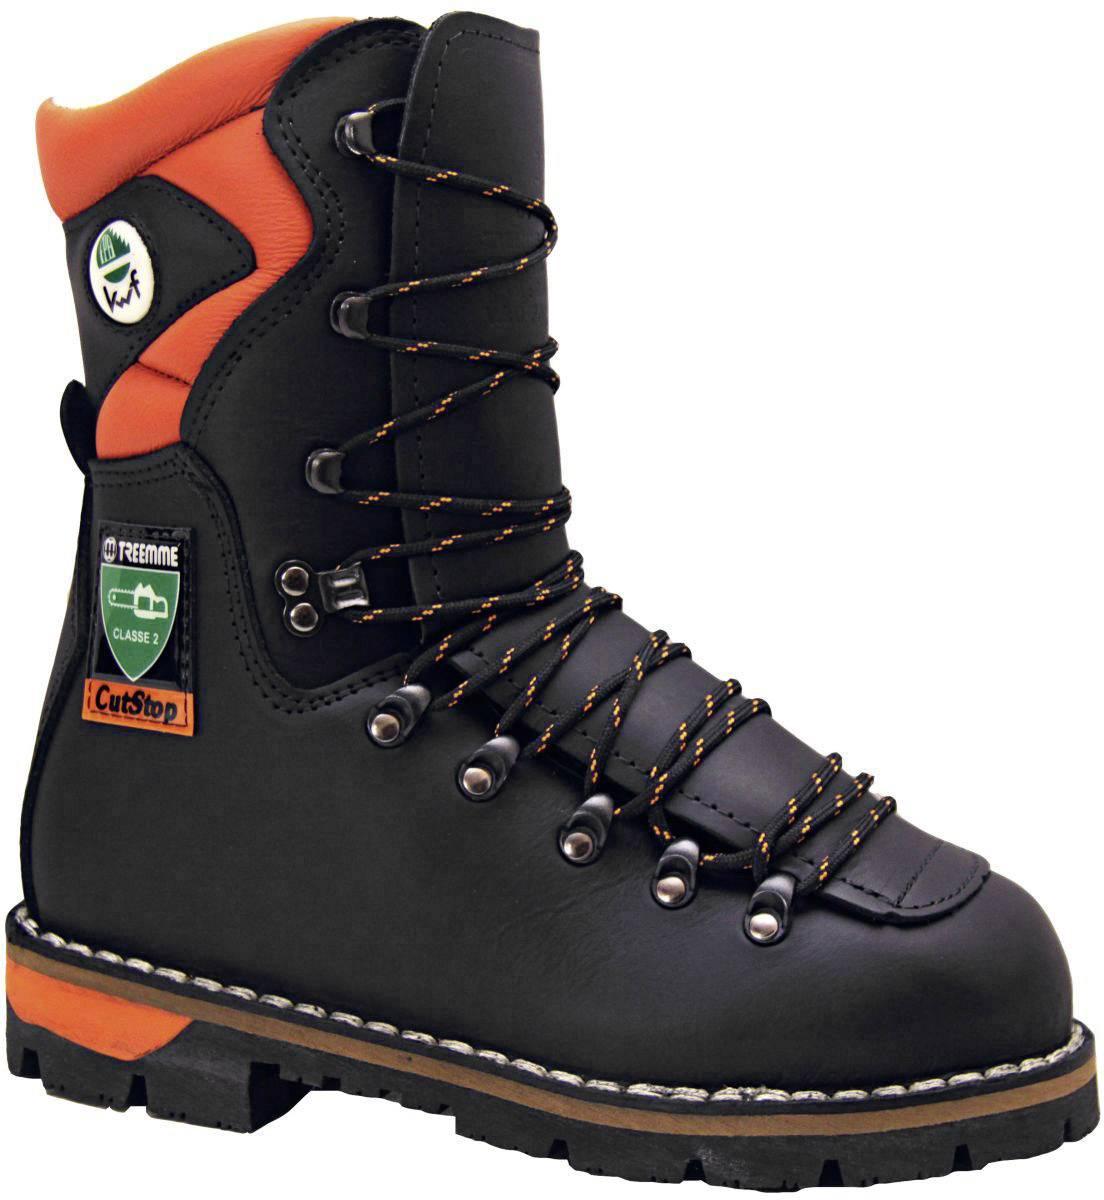 Bezpečnostní obuv s ochranou proti pořezání S3 Treemme 2435, vel.: 41, černá, 1 pár